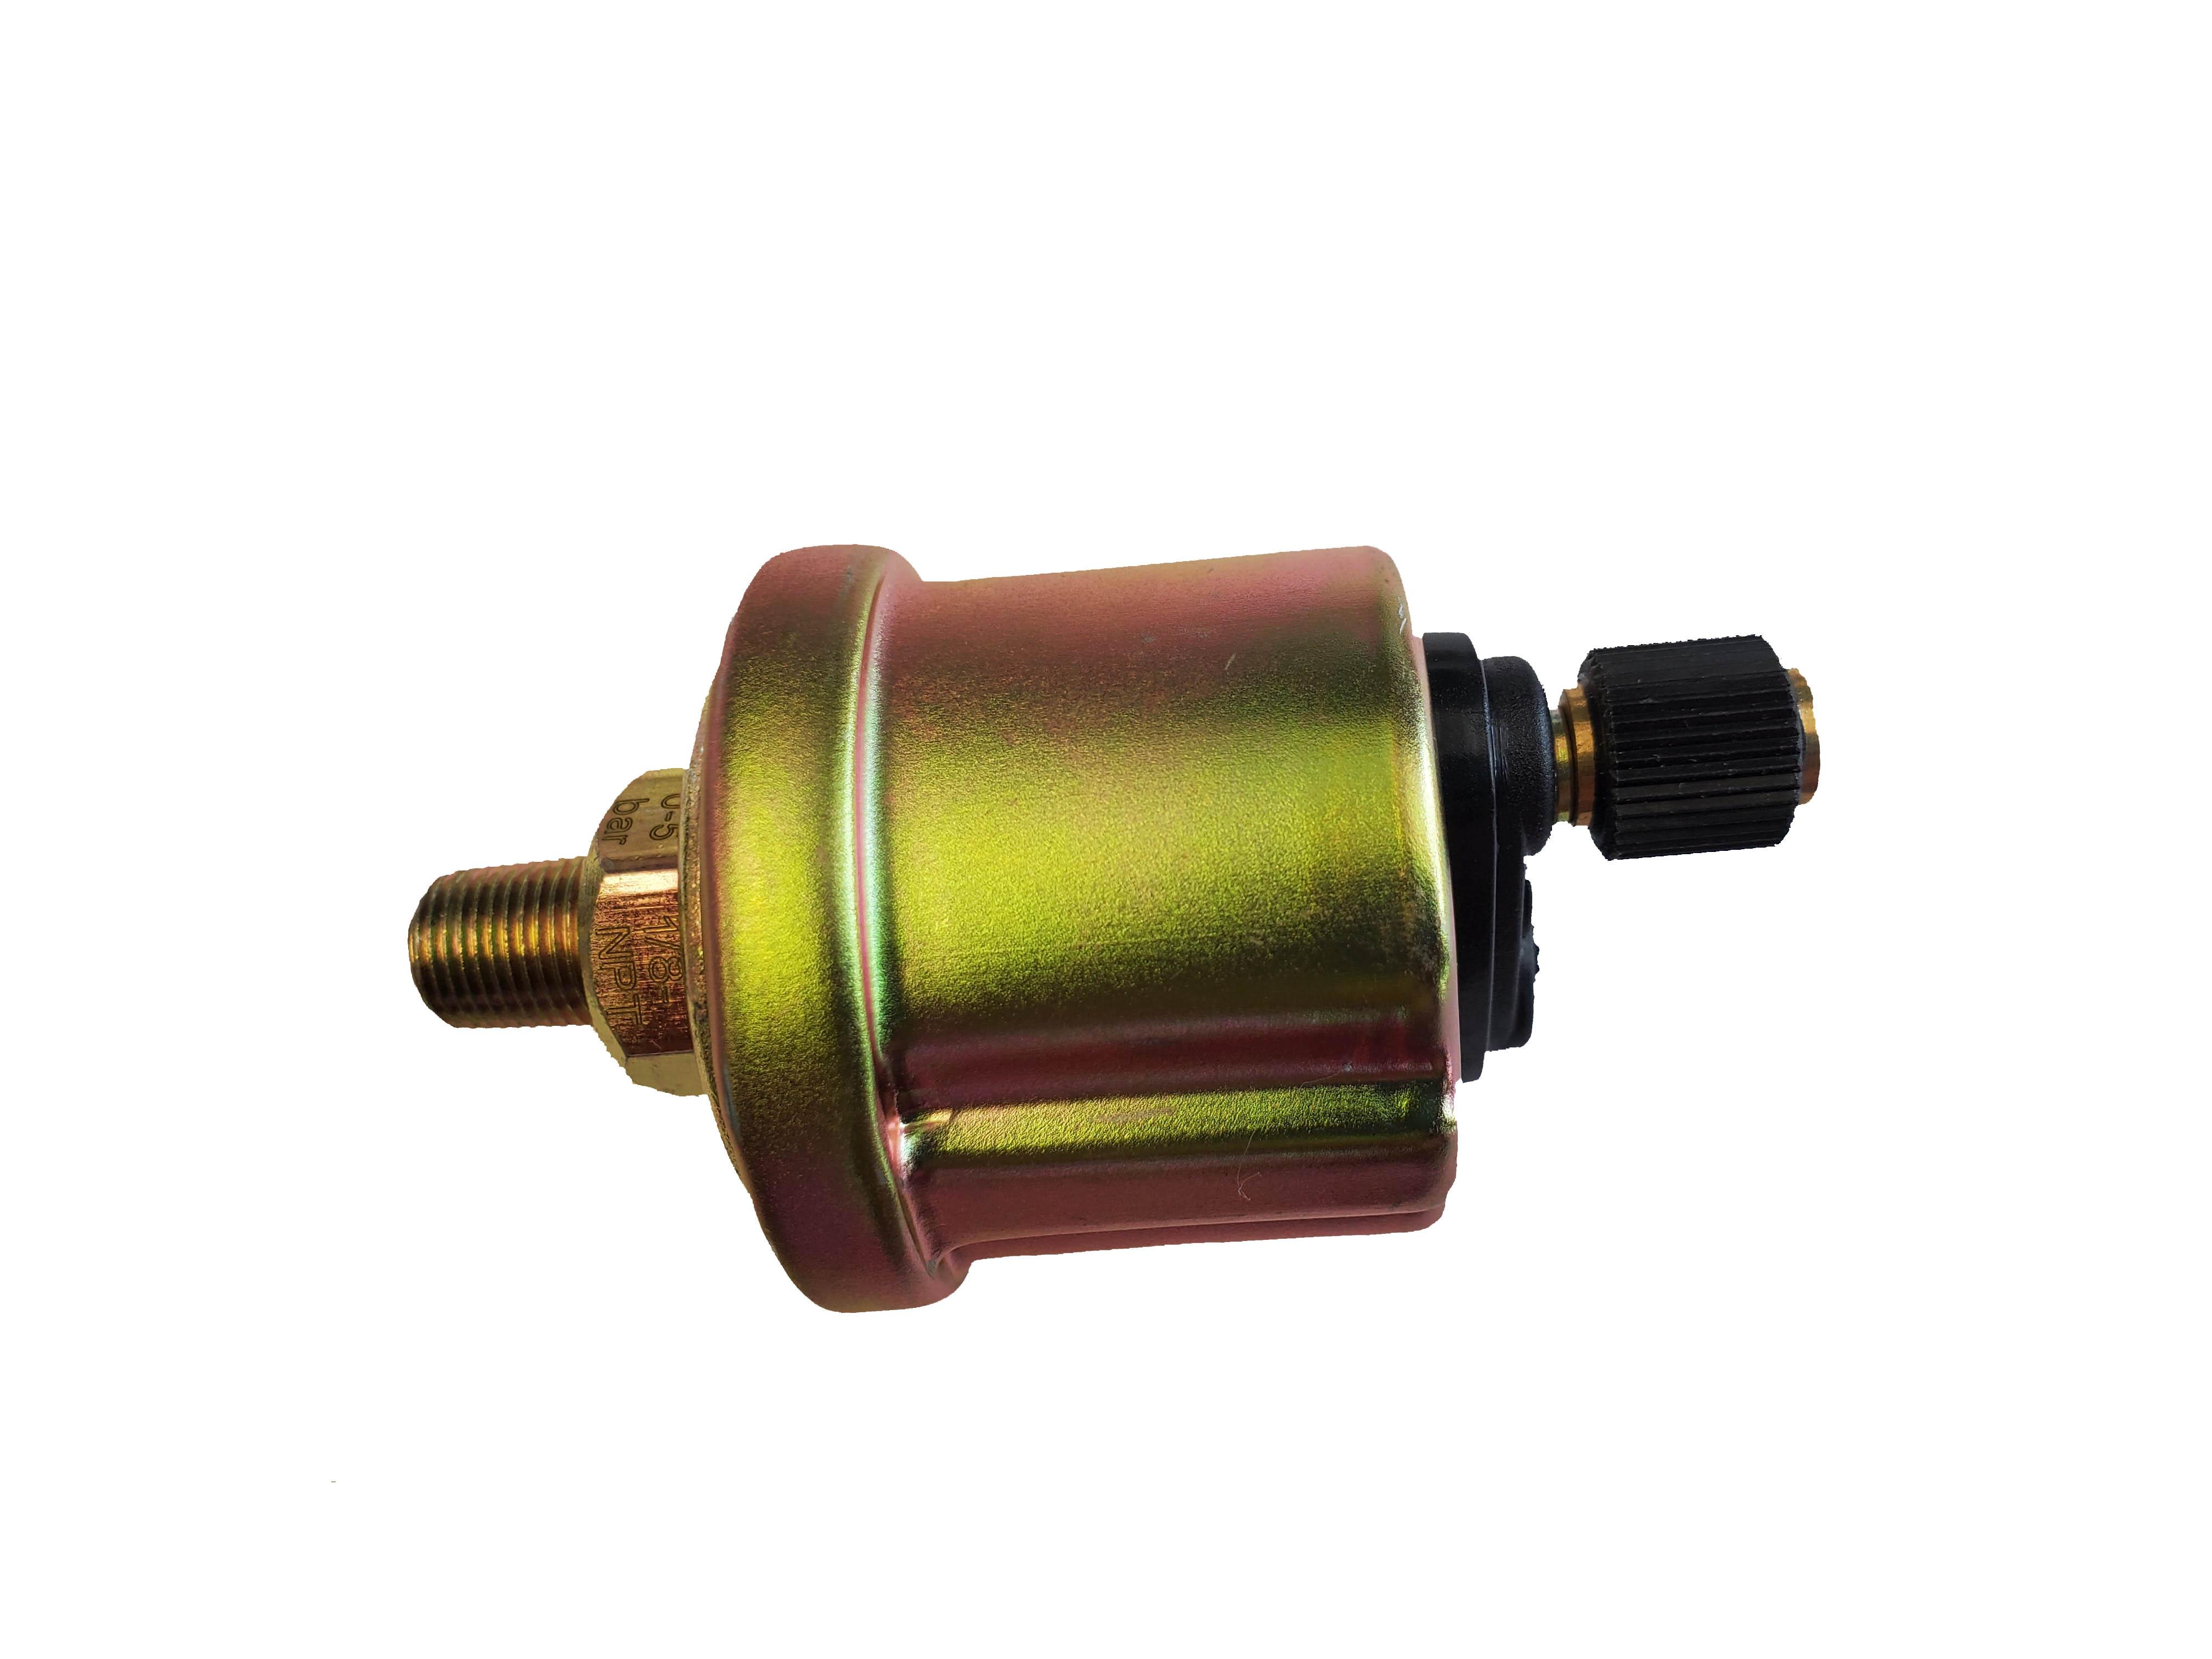 Oil Pressure Sensor >> Oil Pressure Sensor 1 8 Only One Gauge